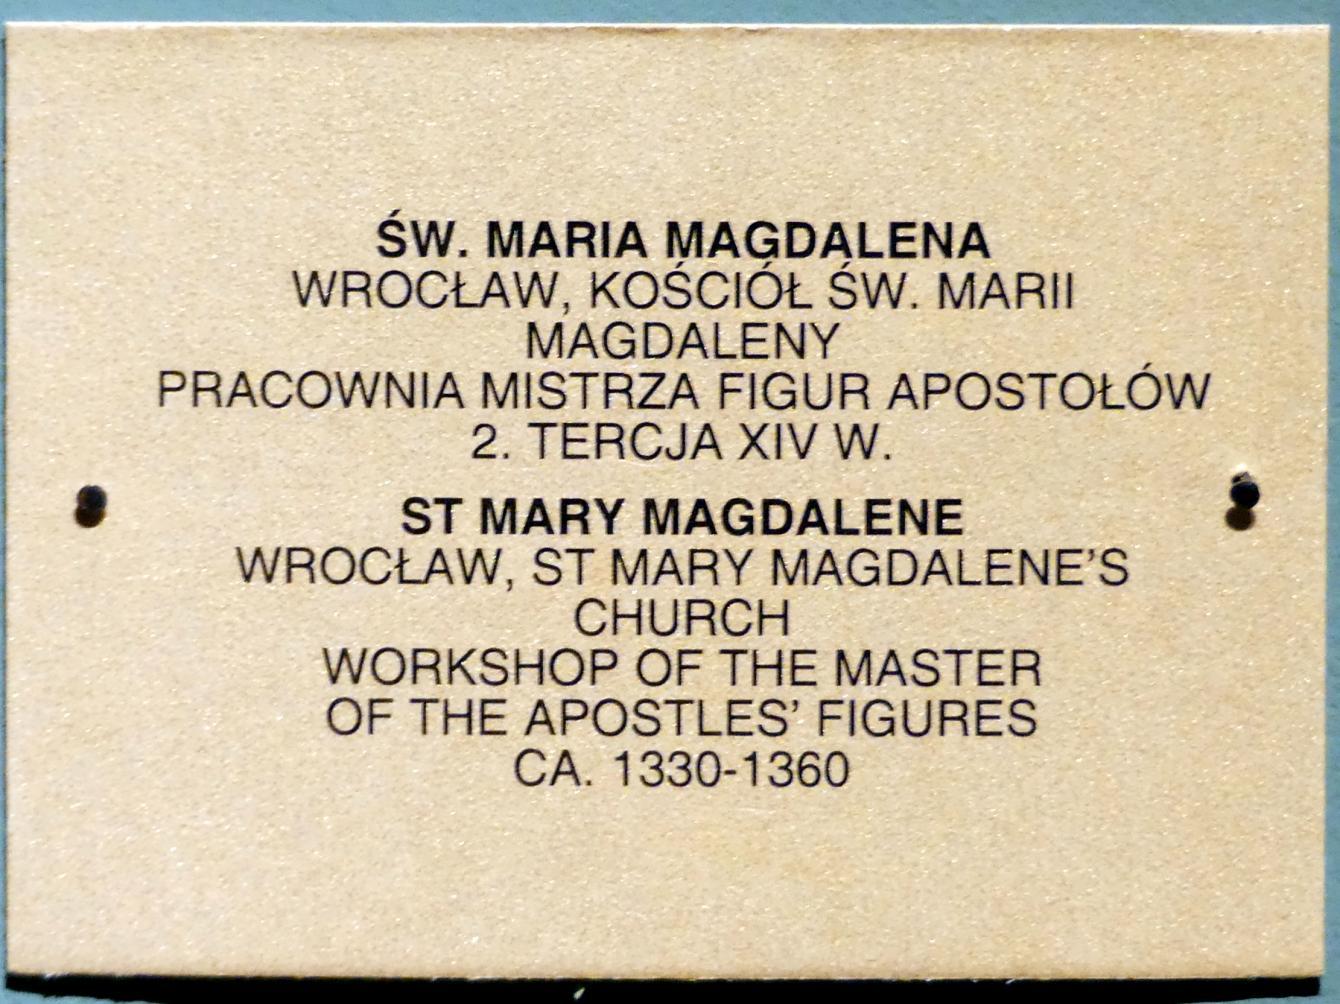 Meister der Apostelfiguren (Breslau) (Werkstatt): Heilige Maria Magdalena, 2. Drittel 14. Jhd., Bild 3/3